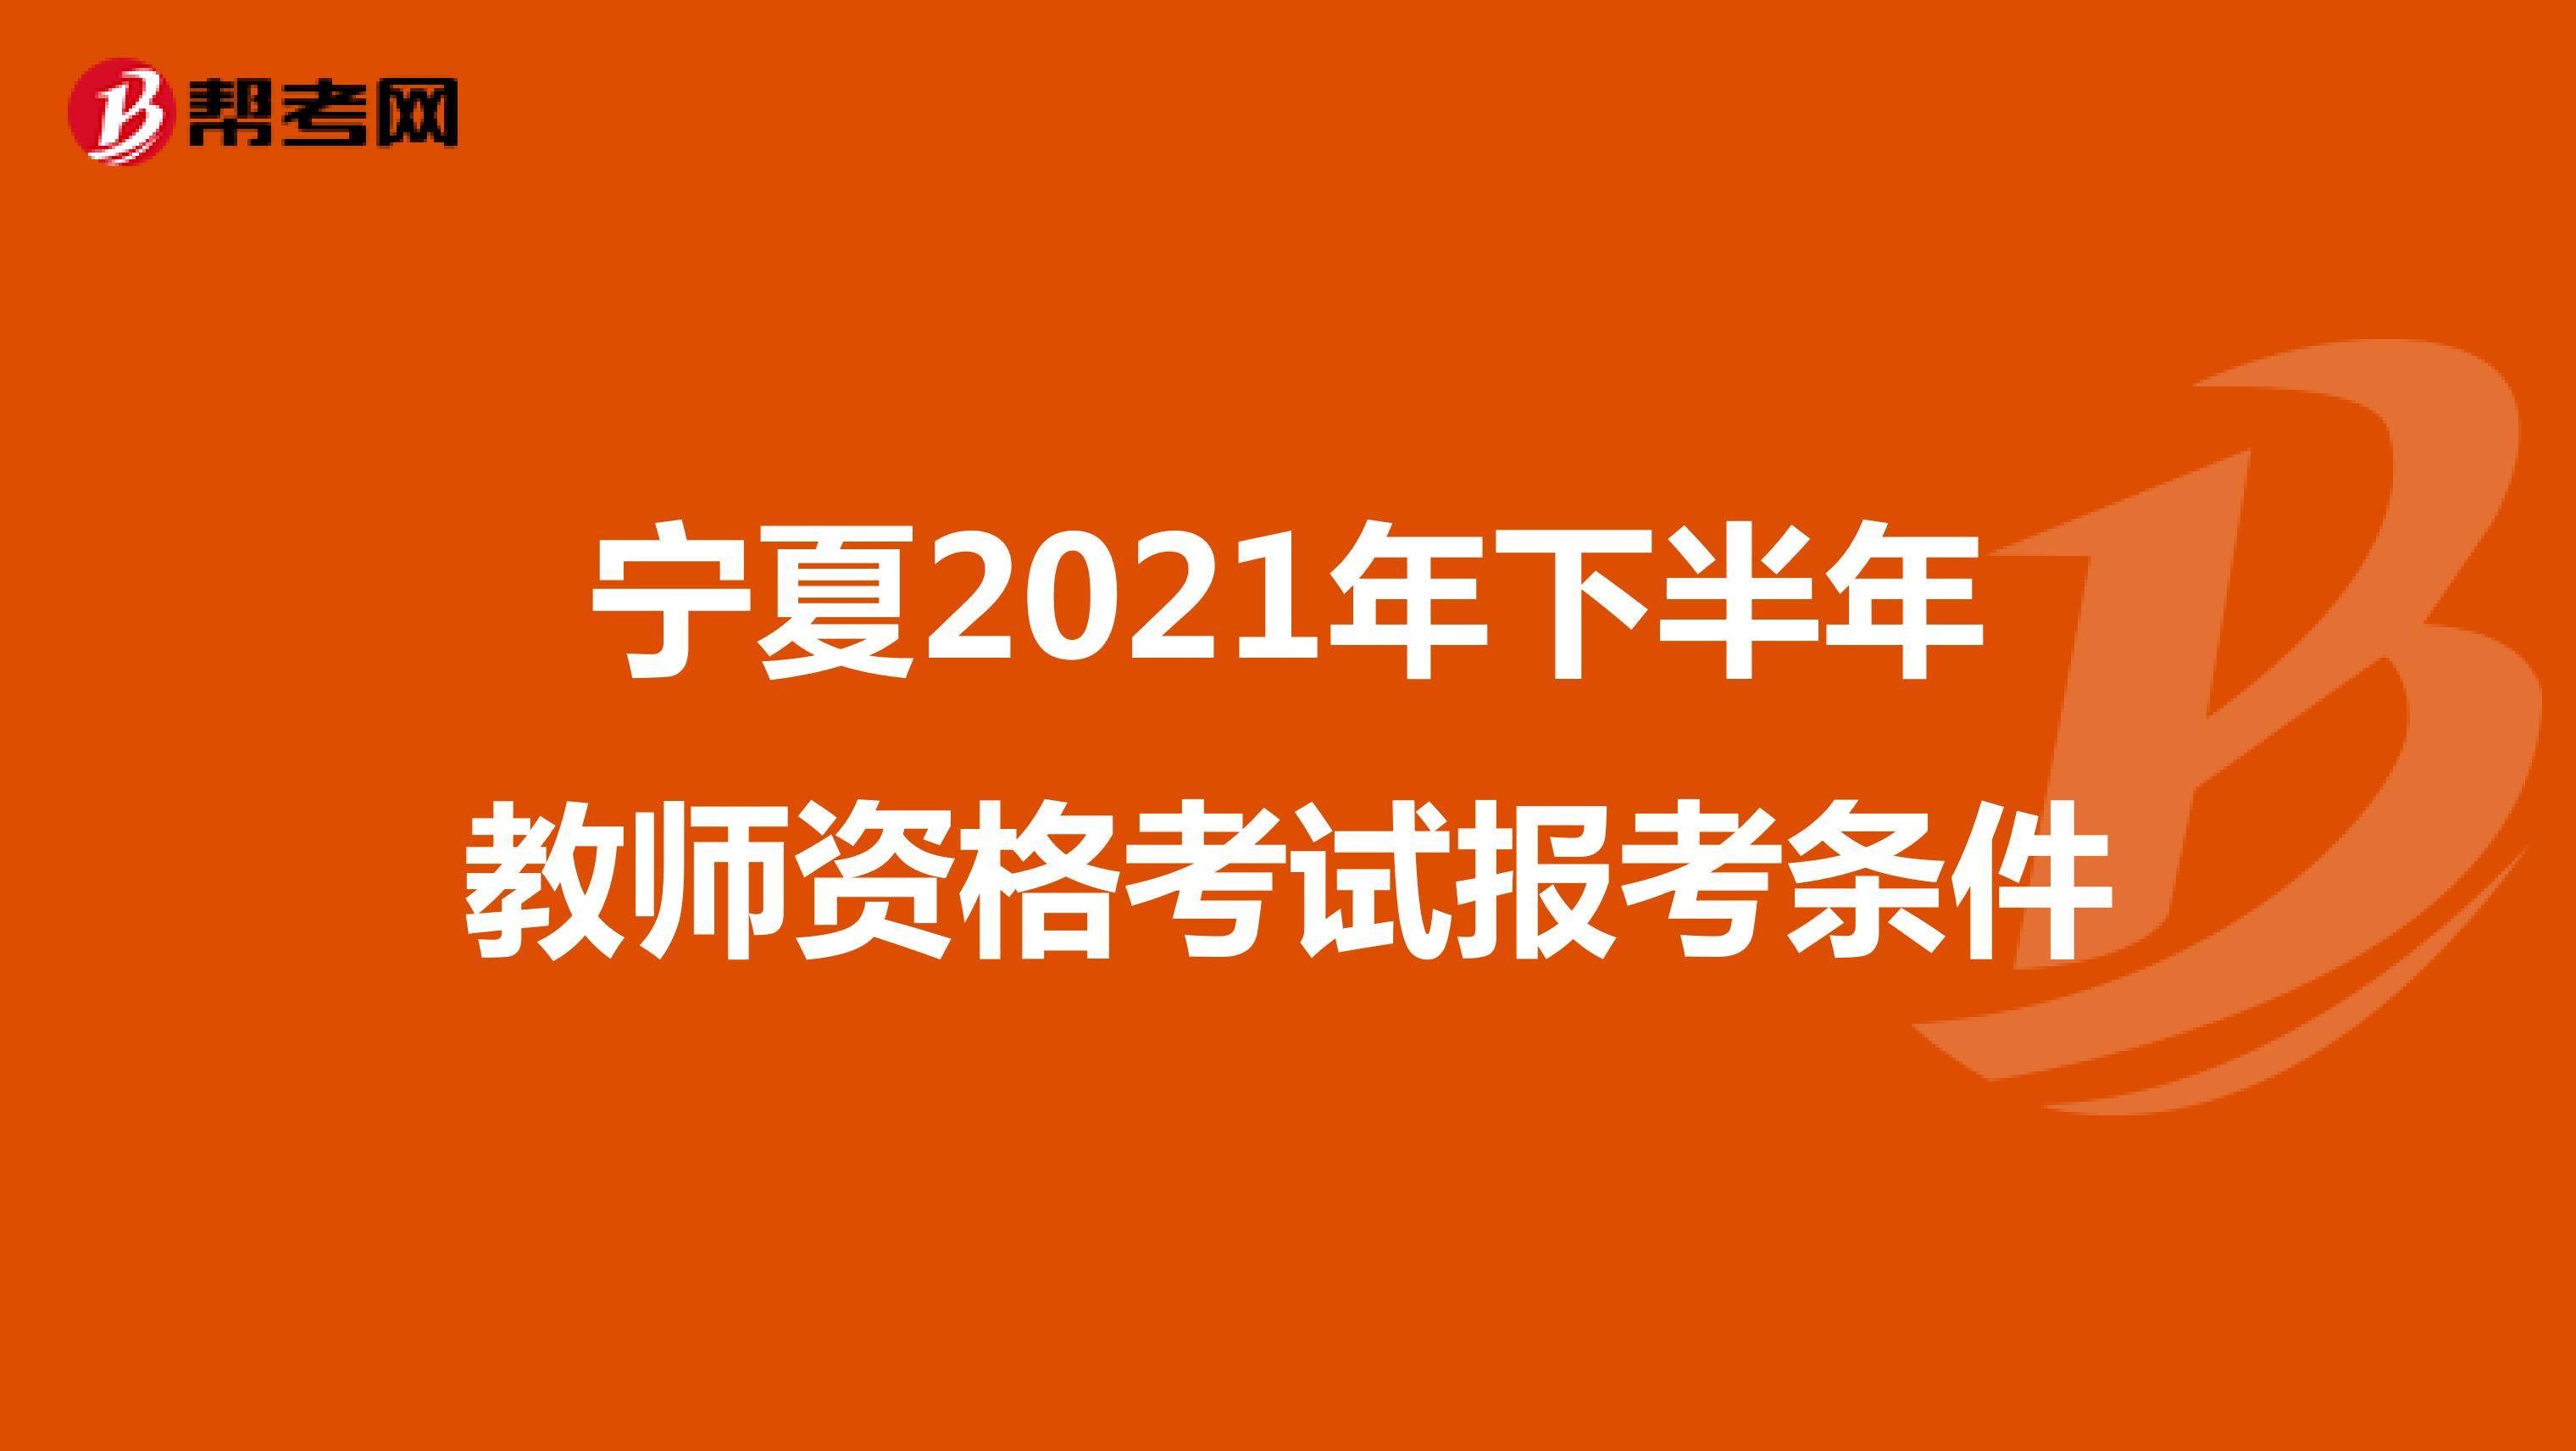 宁夏2021年下半年教师资格考试报考条件